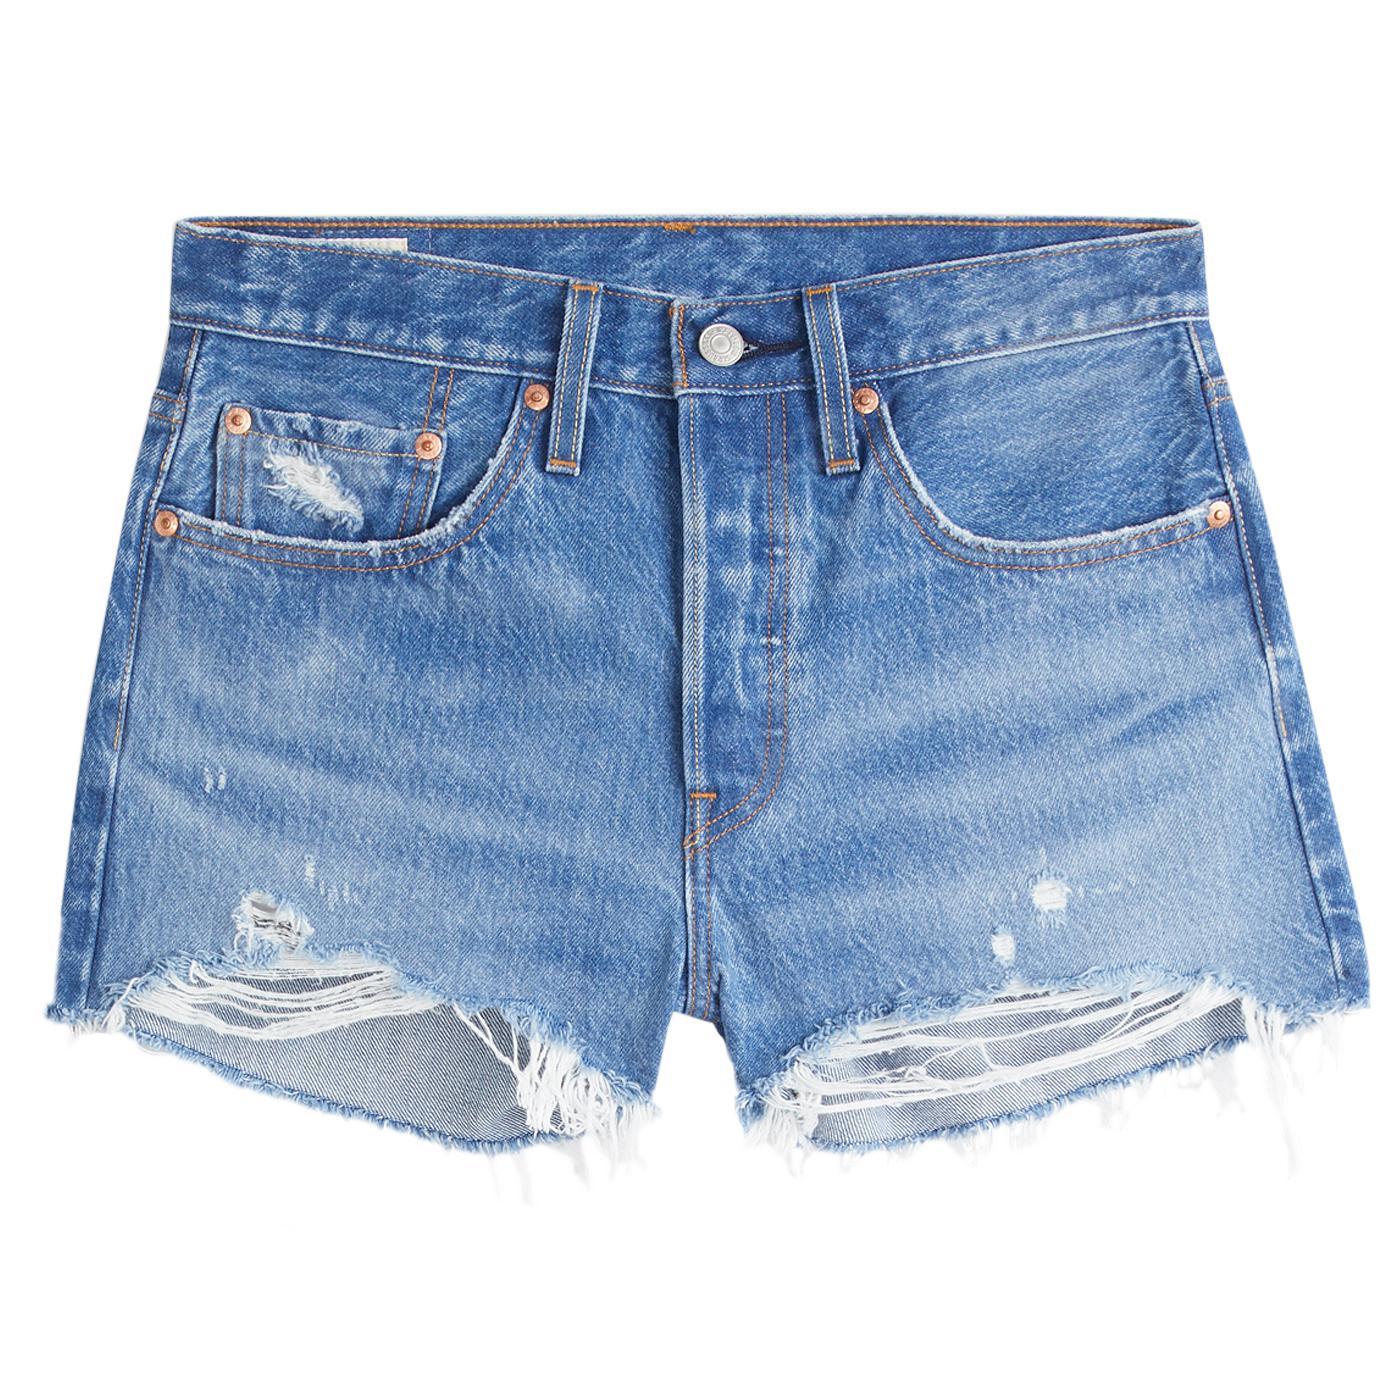 LEVI'S 501 Original Retro Shorts (Oxnard Athens)